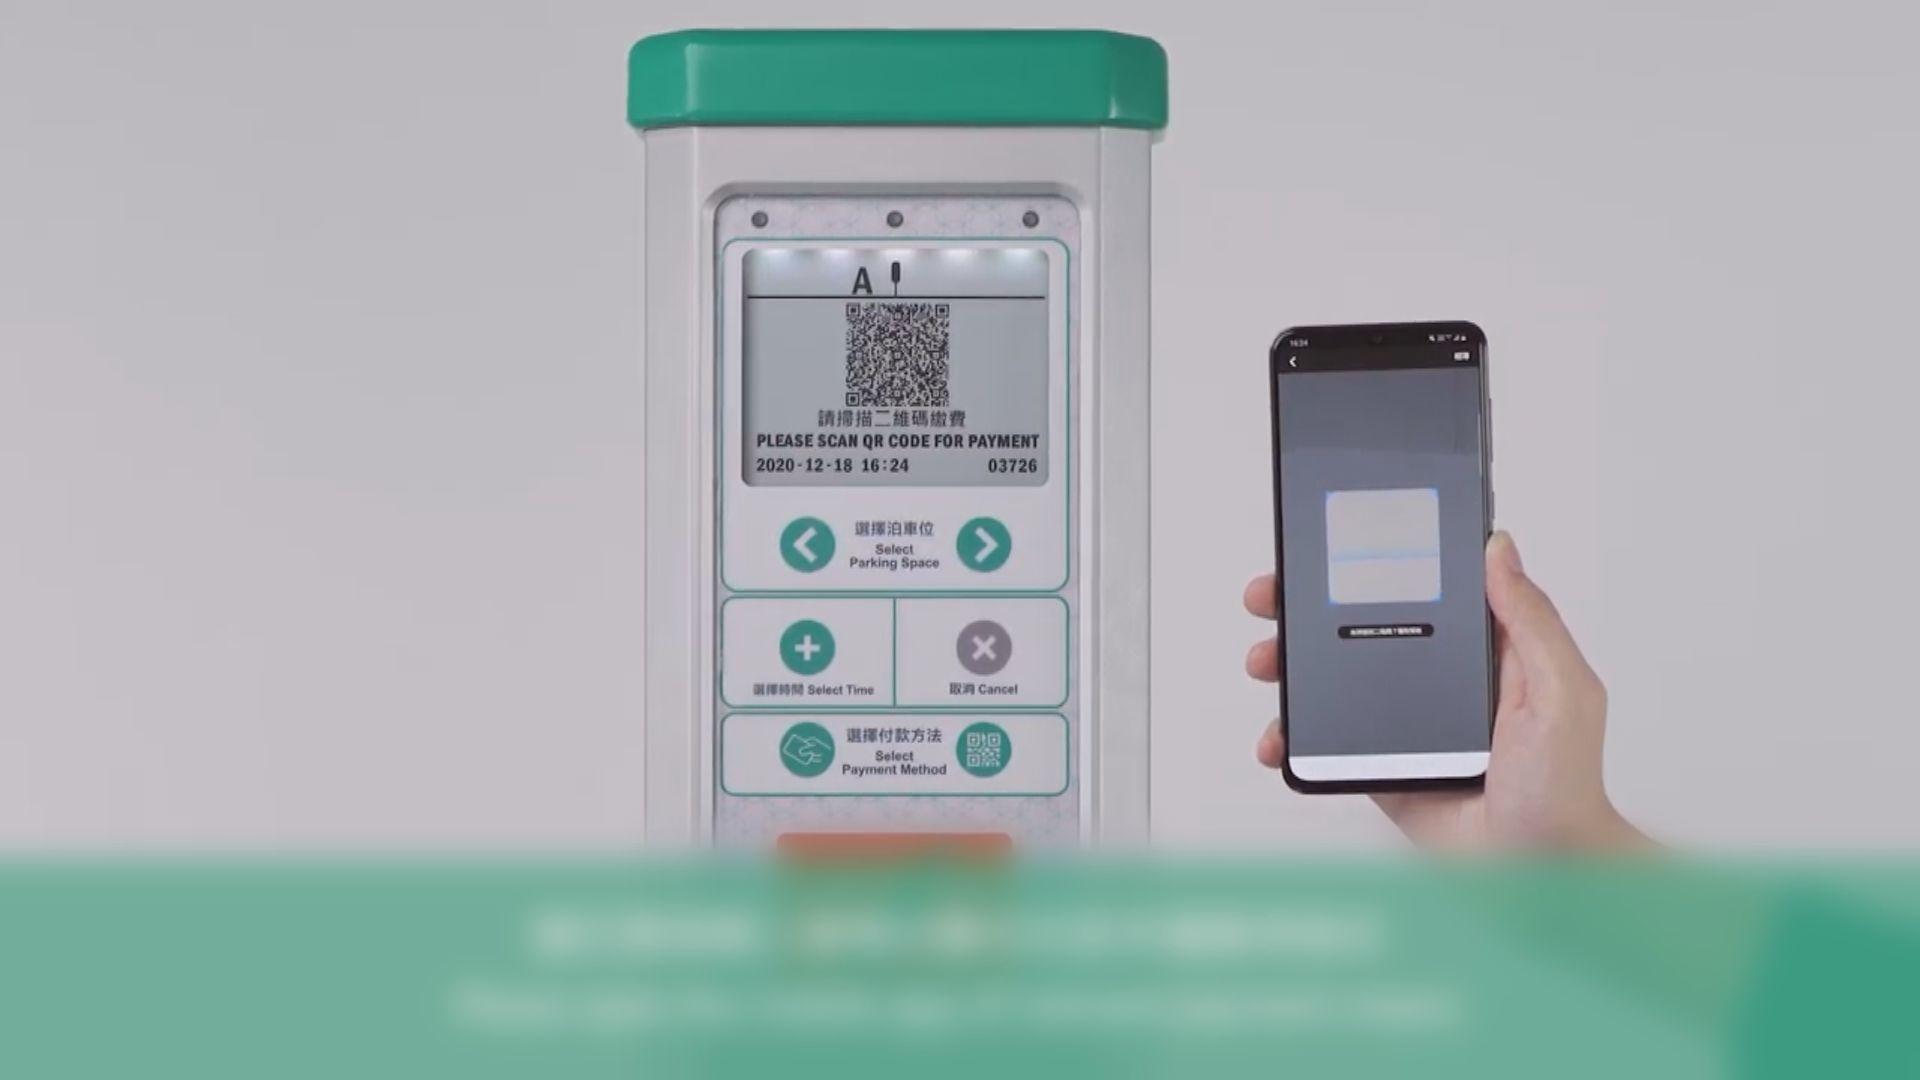 新泊車咪錶周三啟用 司機可用手機程式遙距續泊